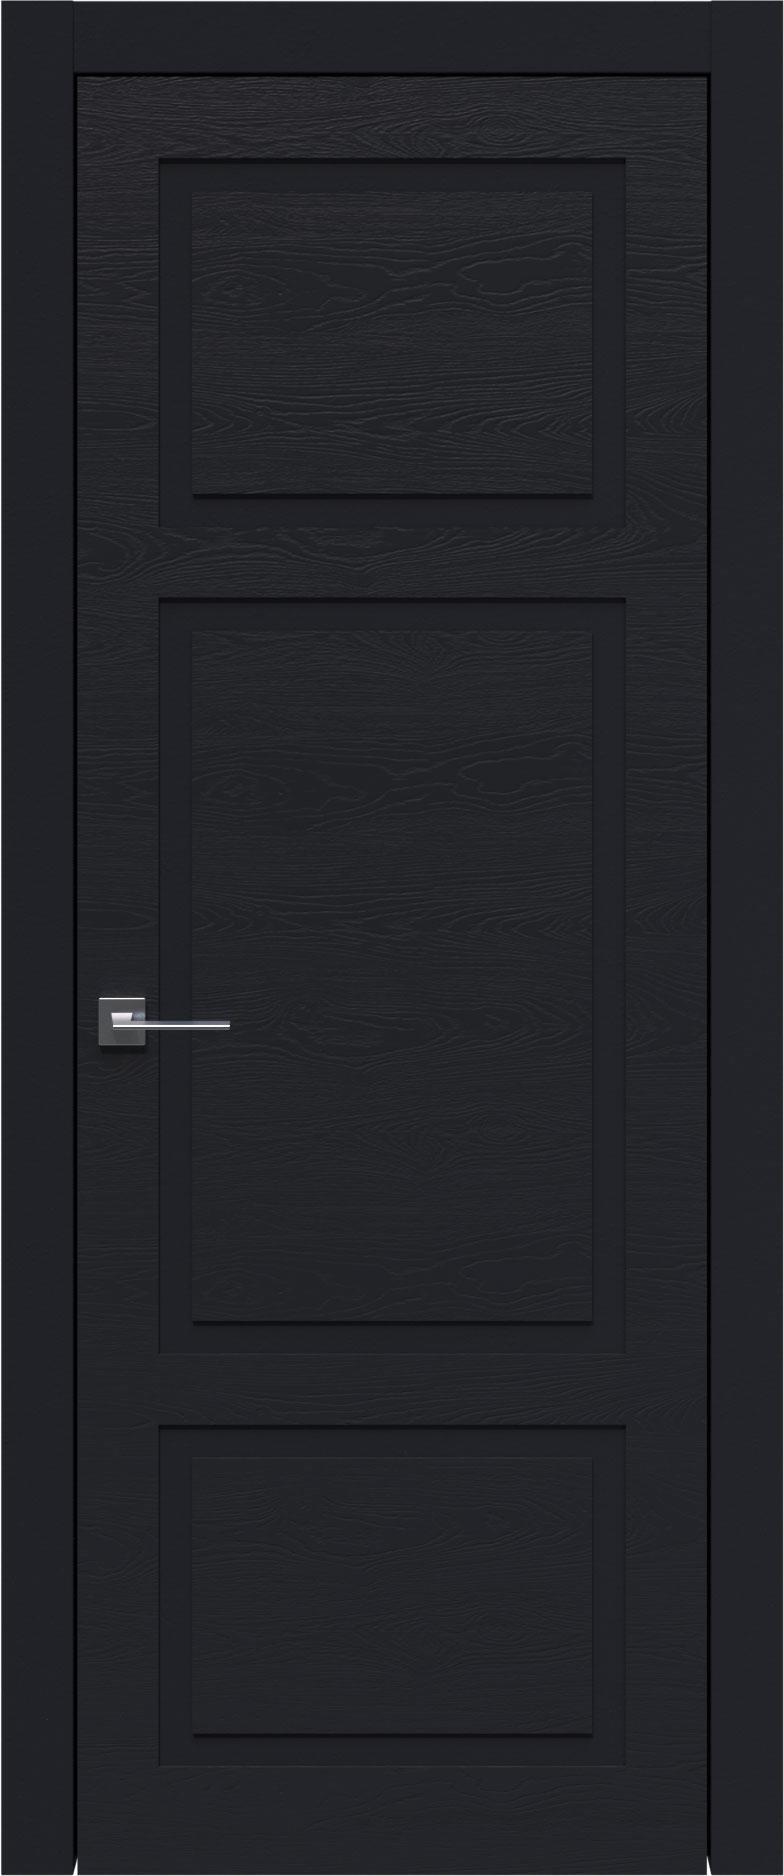 Tivoli К-5 цвет - Черная эмаль по шпону (RAL 9004) Без стекла (ДГ)